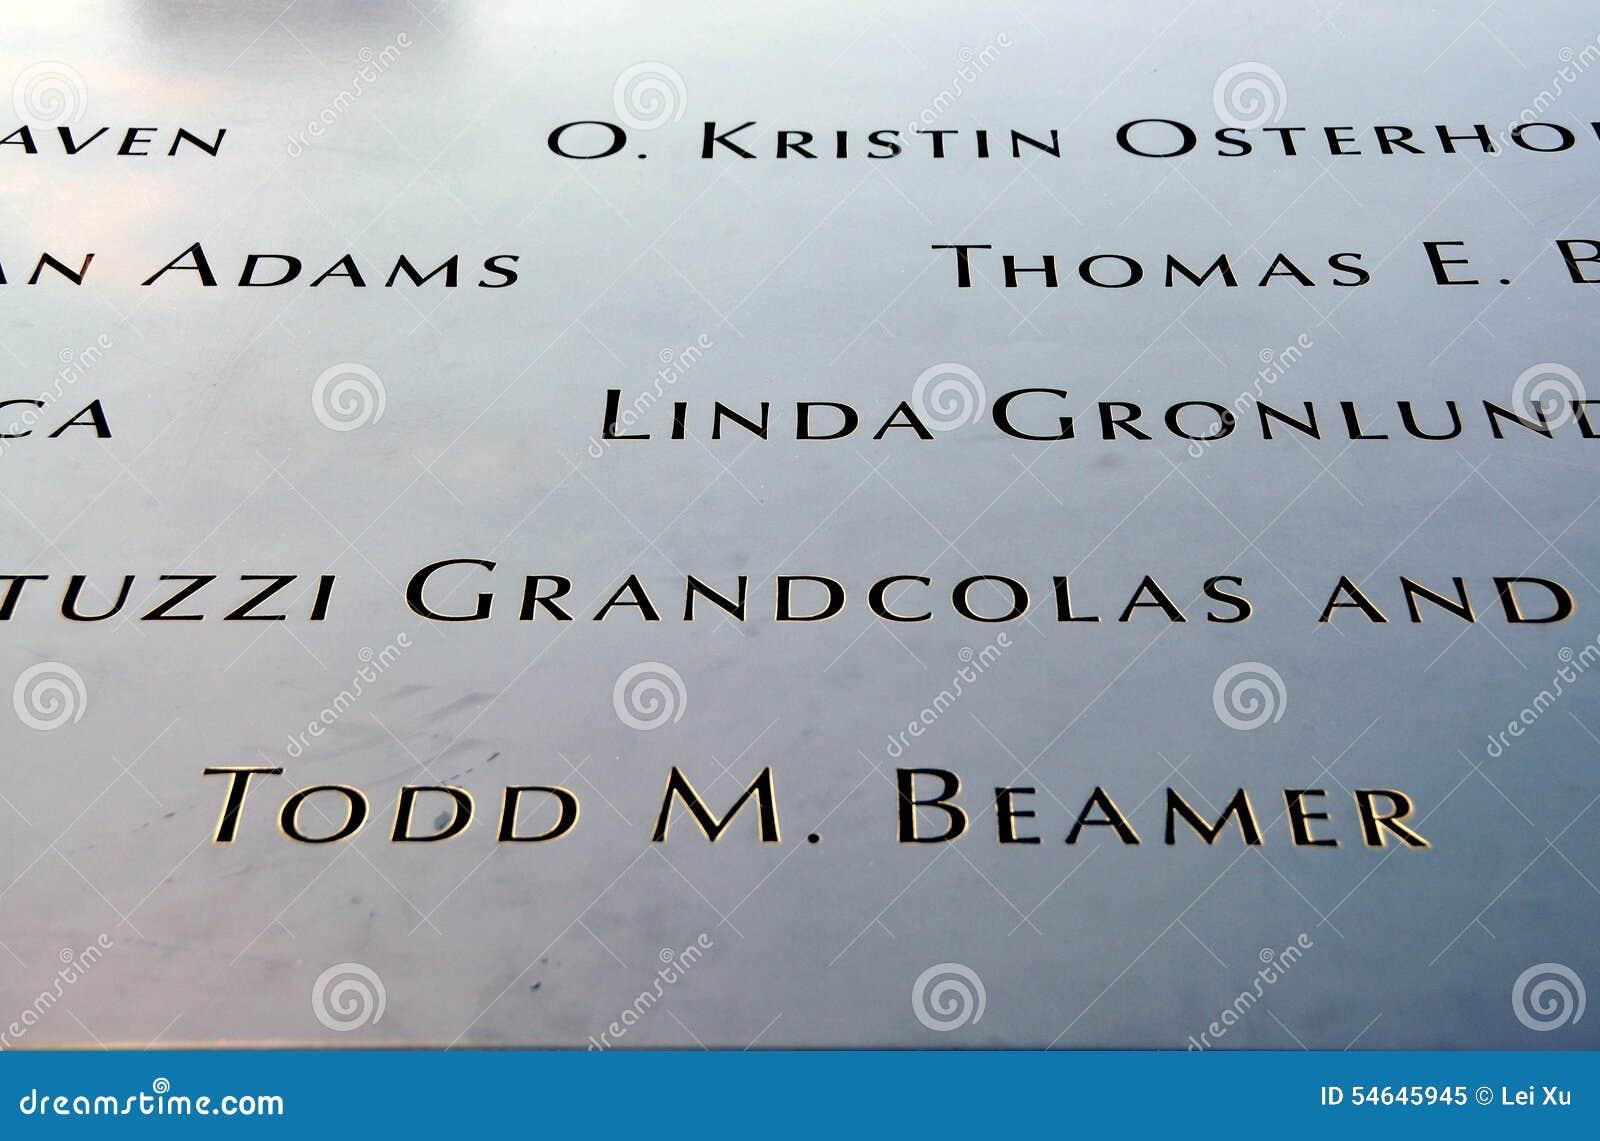 NYC: Inscribed Names at 9/11 Memorial